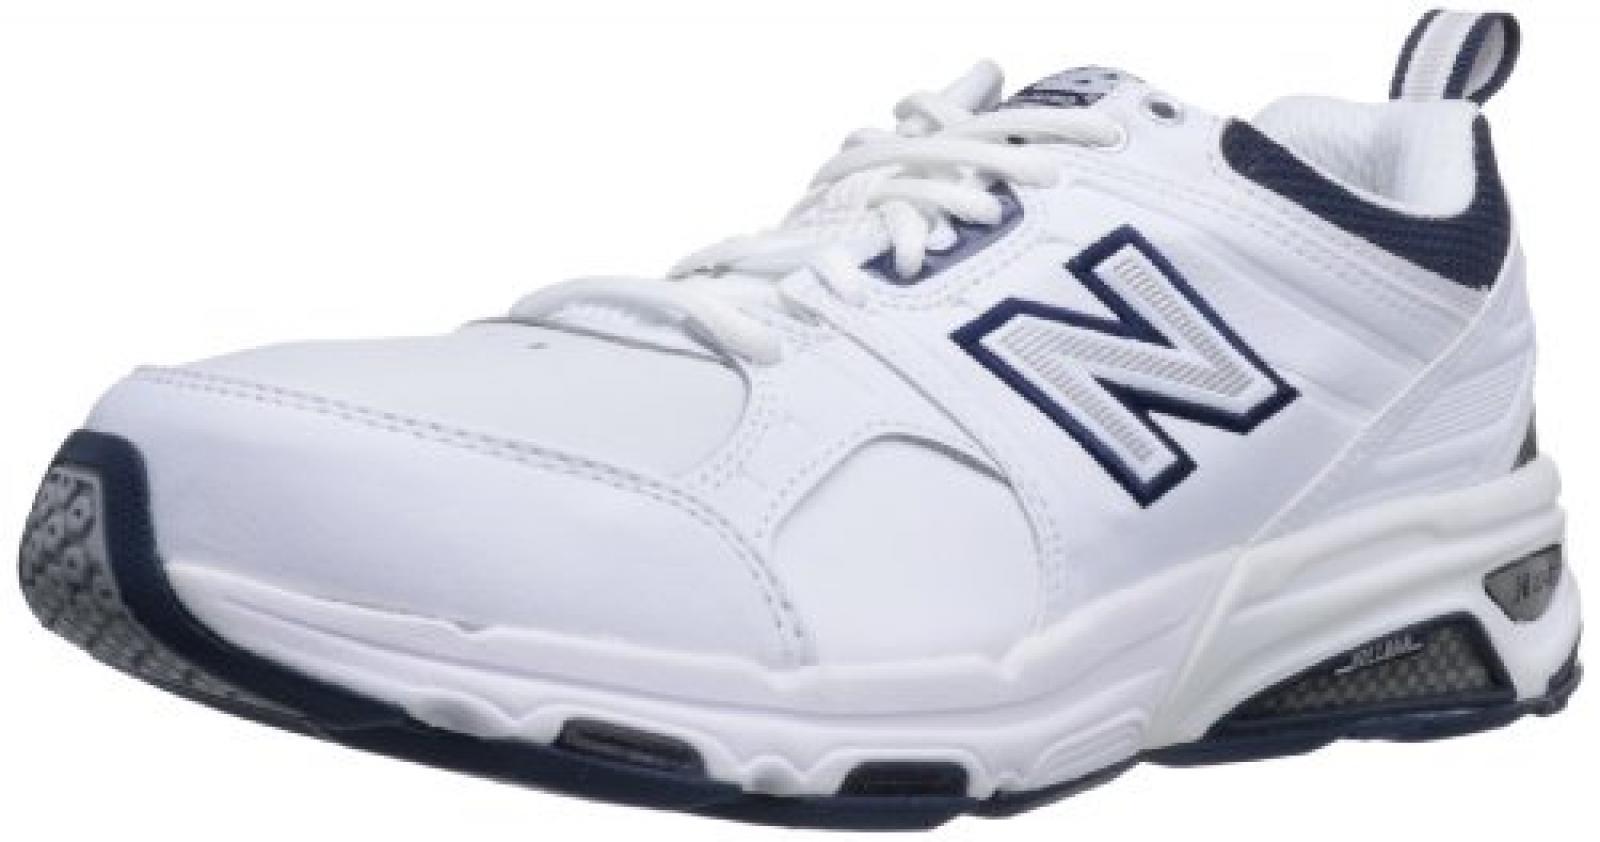 New Balance , Herren Laufschuhe, - White with Navy - Größe: 15.5 UK